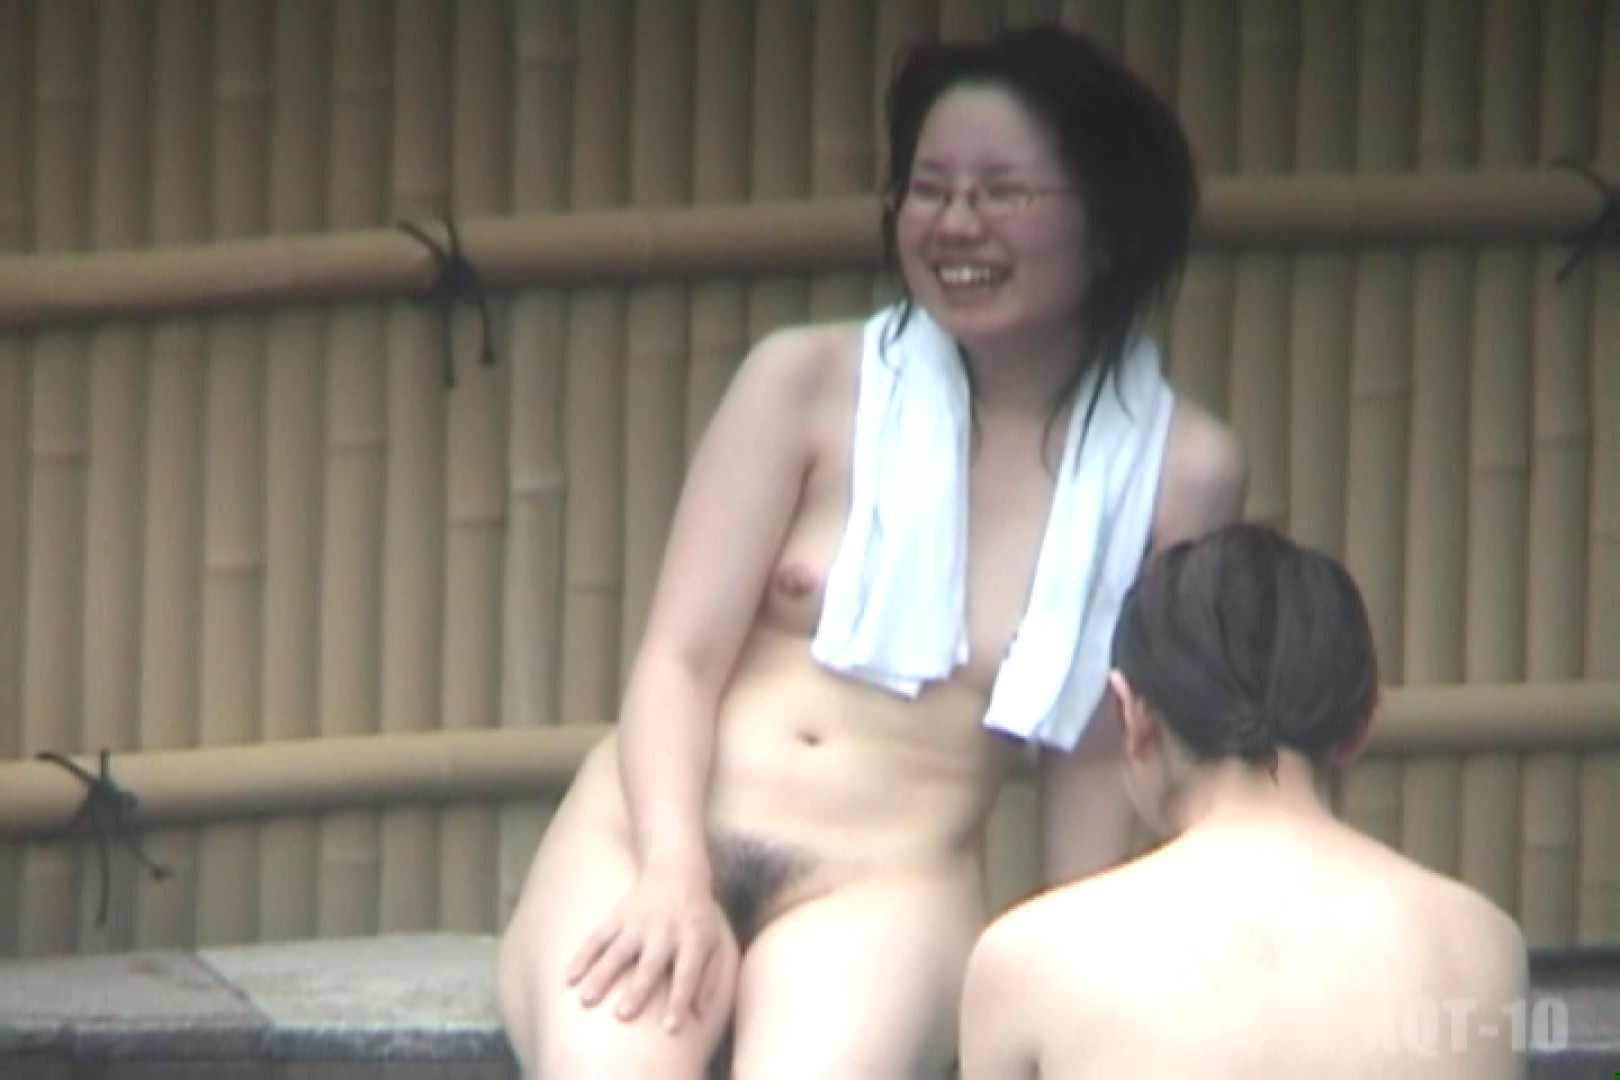 Aquaな露天風呂Vol.796 盗撮  51PICs 9